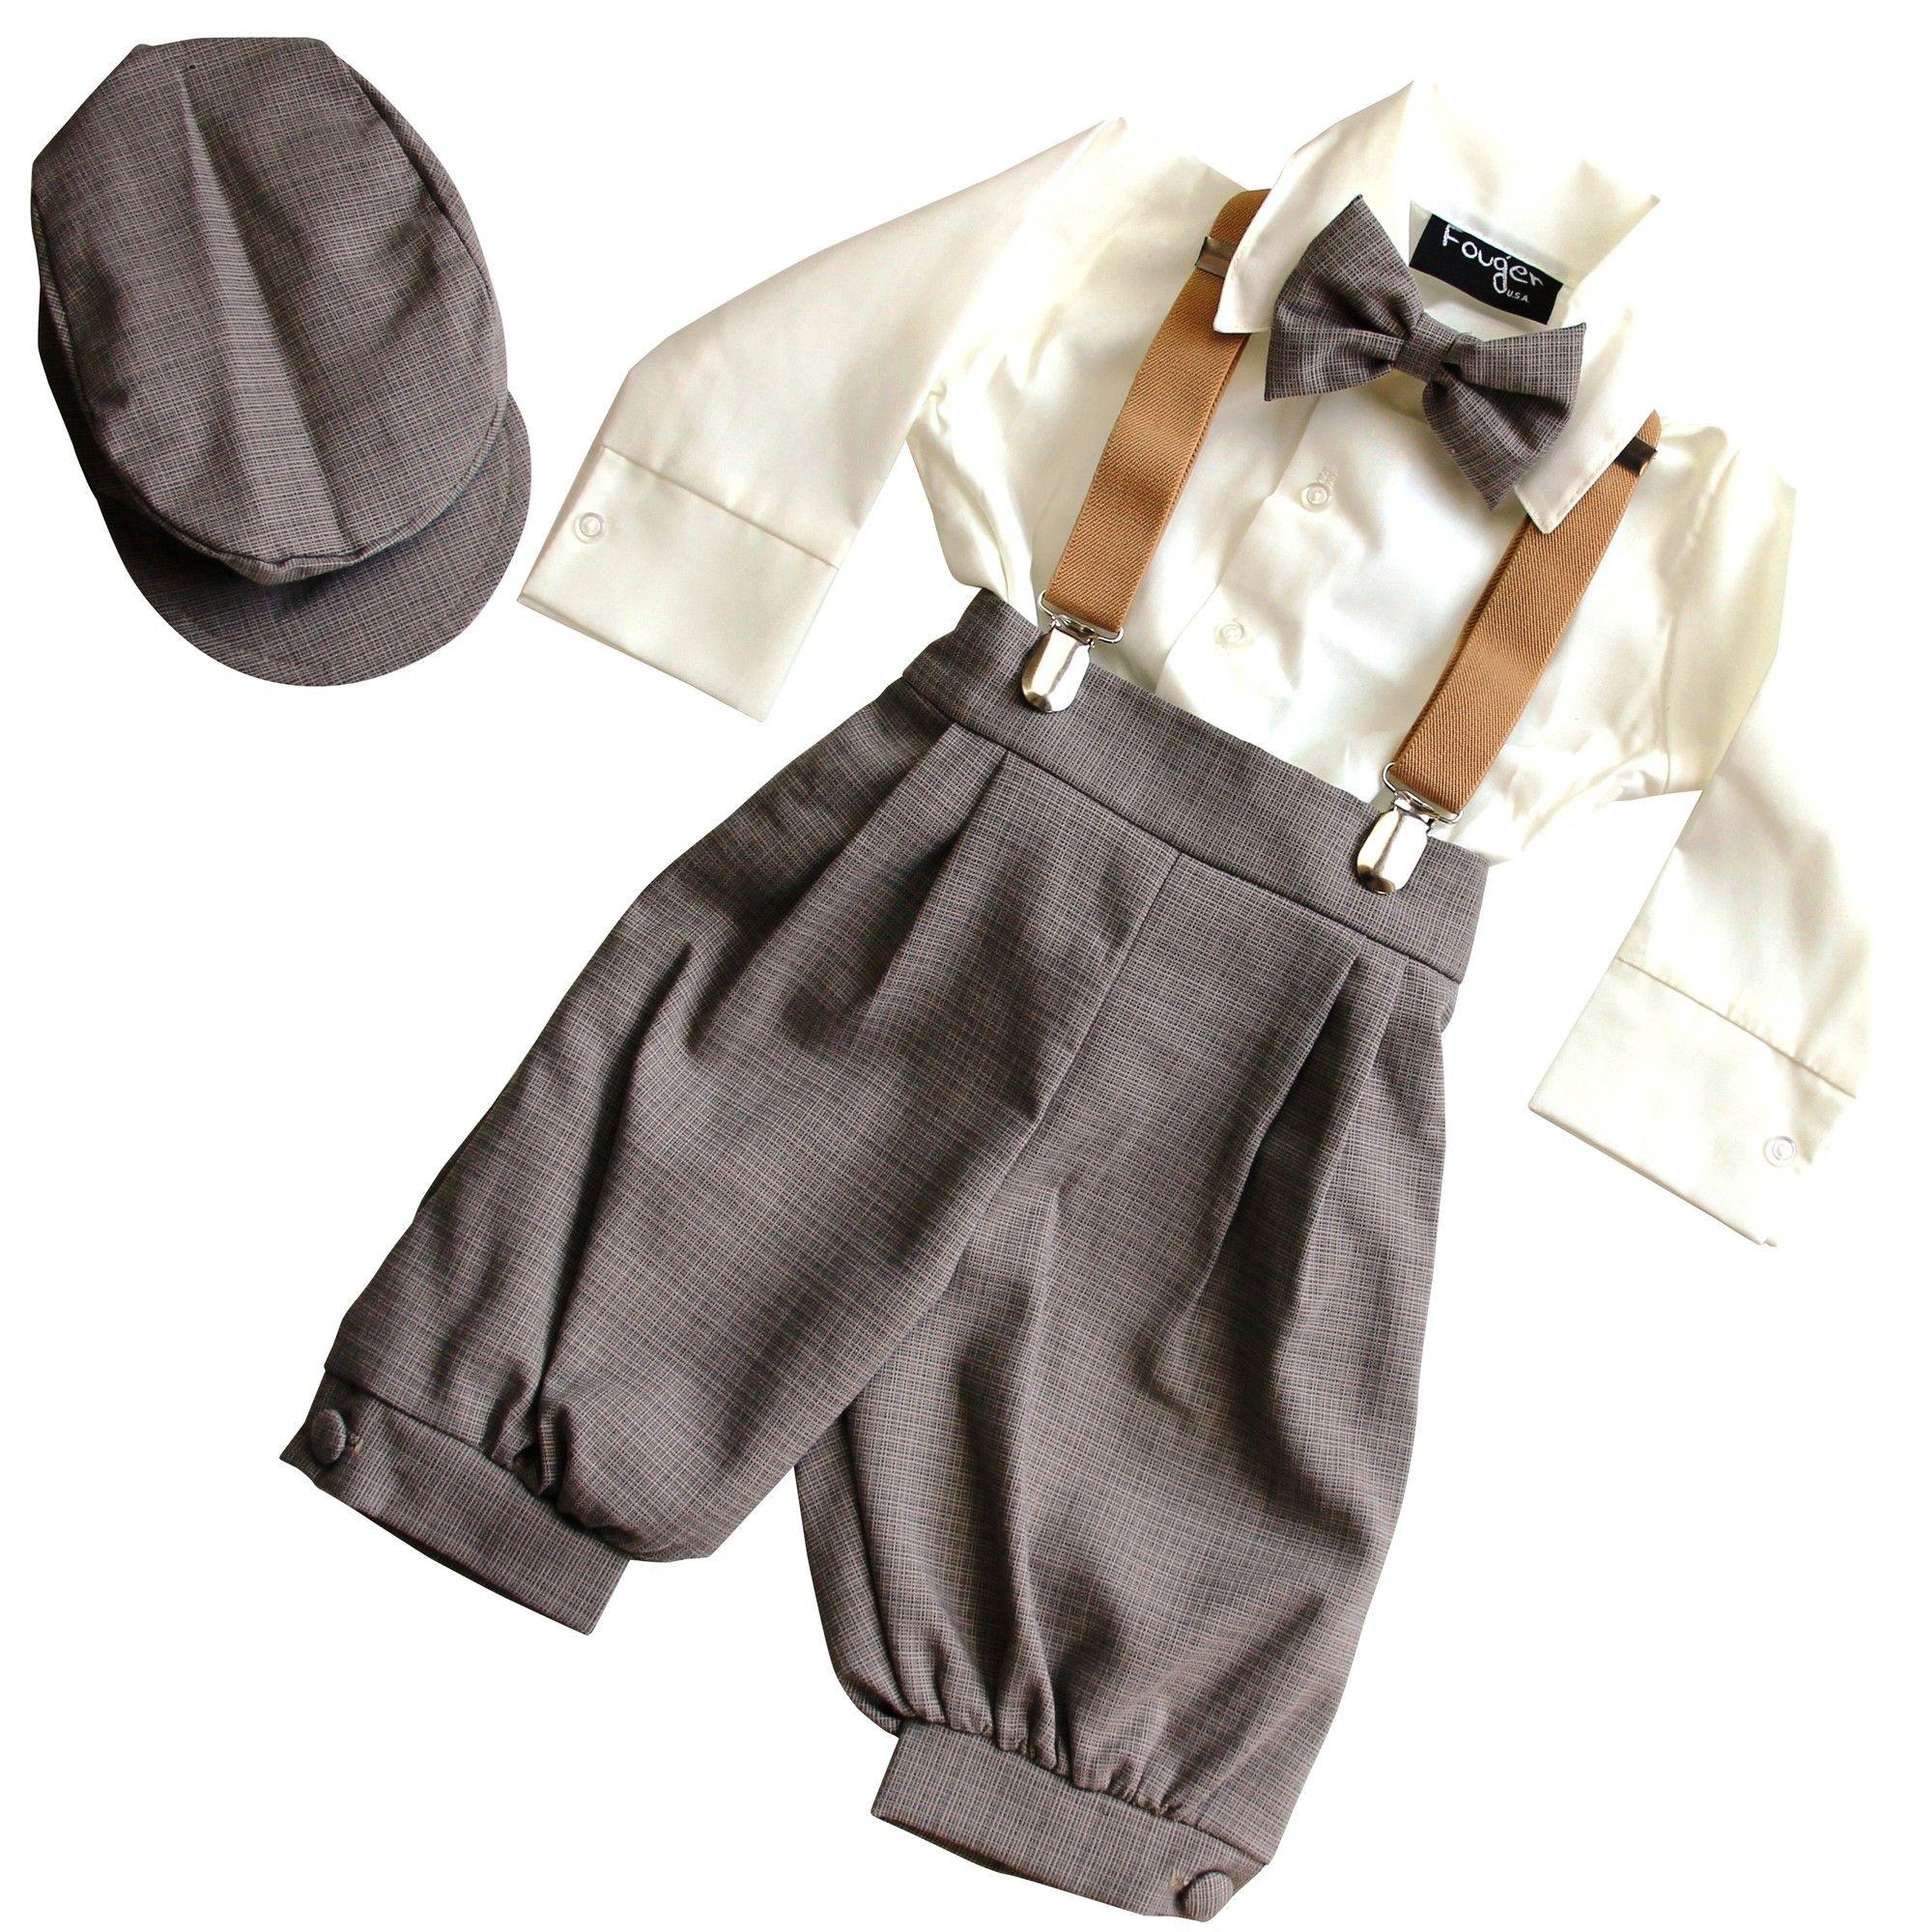 Bimaro Jungen Anzug Lino Beige Creme Braun Kinderanzug